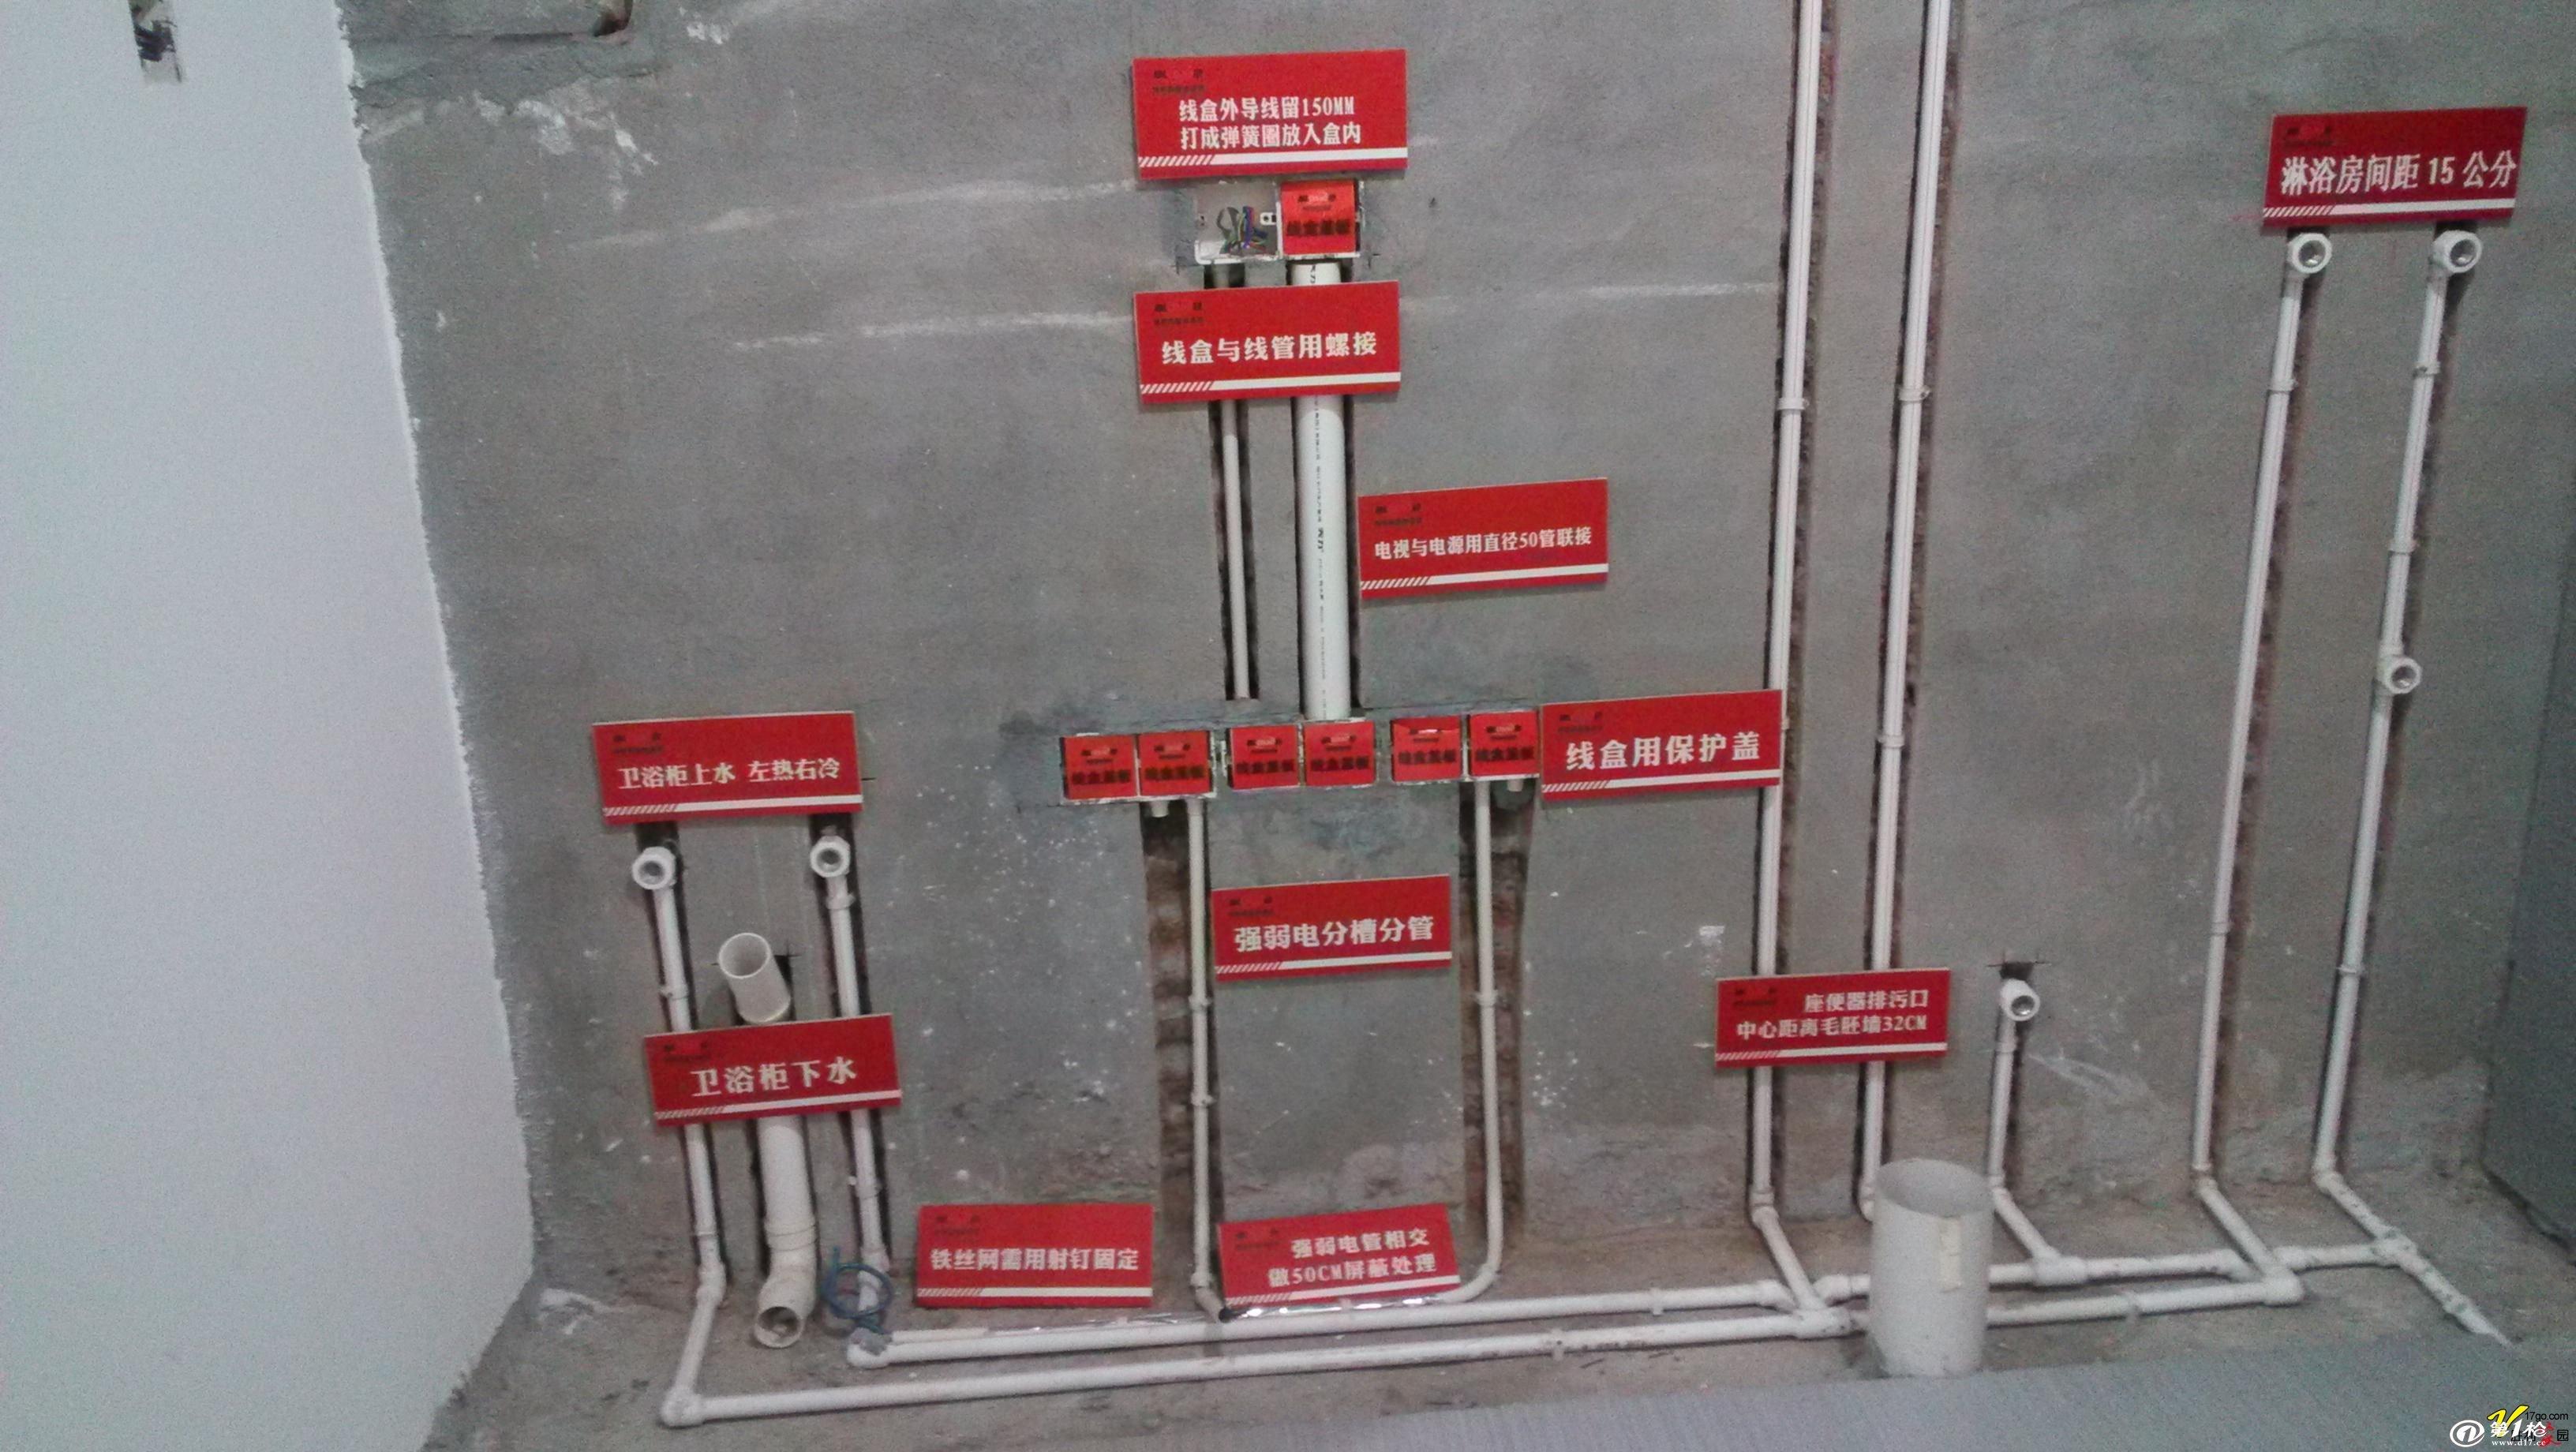 水电维修、水电改造、水电CAD图、水电施工。专业水电团队。 水电施工工艺流程 一.水电排管穿线的施工工艺要求 1.布线的原则:横平竖直.使用专用PVC阻燃型电线管,线管在线槽中必须固定,线盒与线管相接时应使用锁母,直管每隔80公分使用一个管卡,拐角处每隔20公分使用一个管卡。